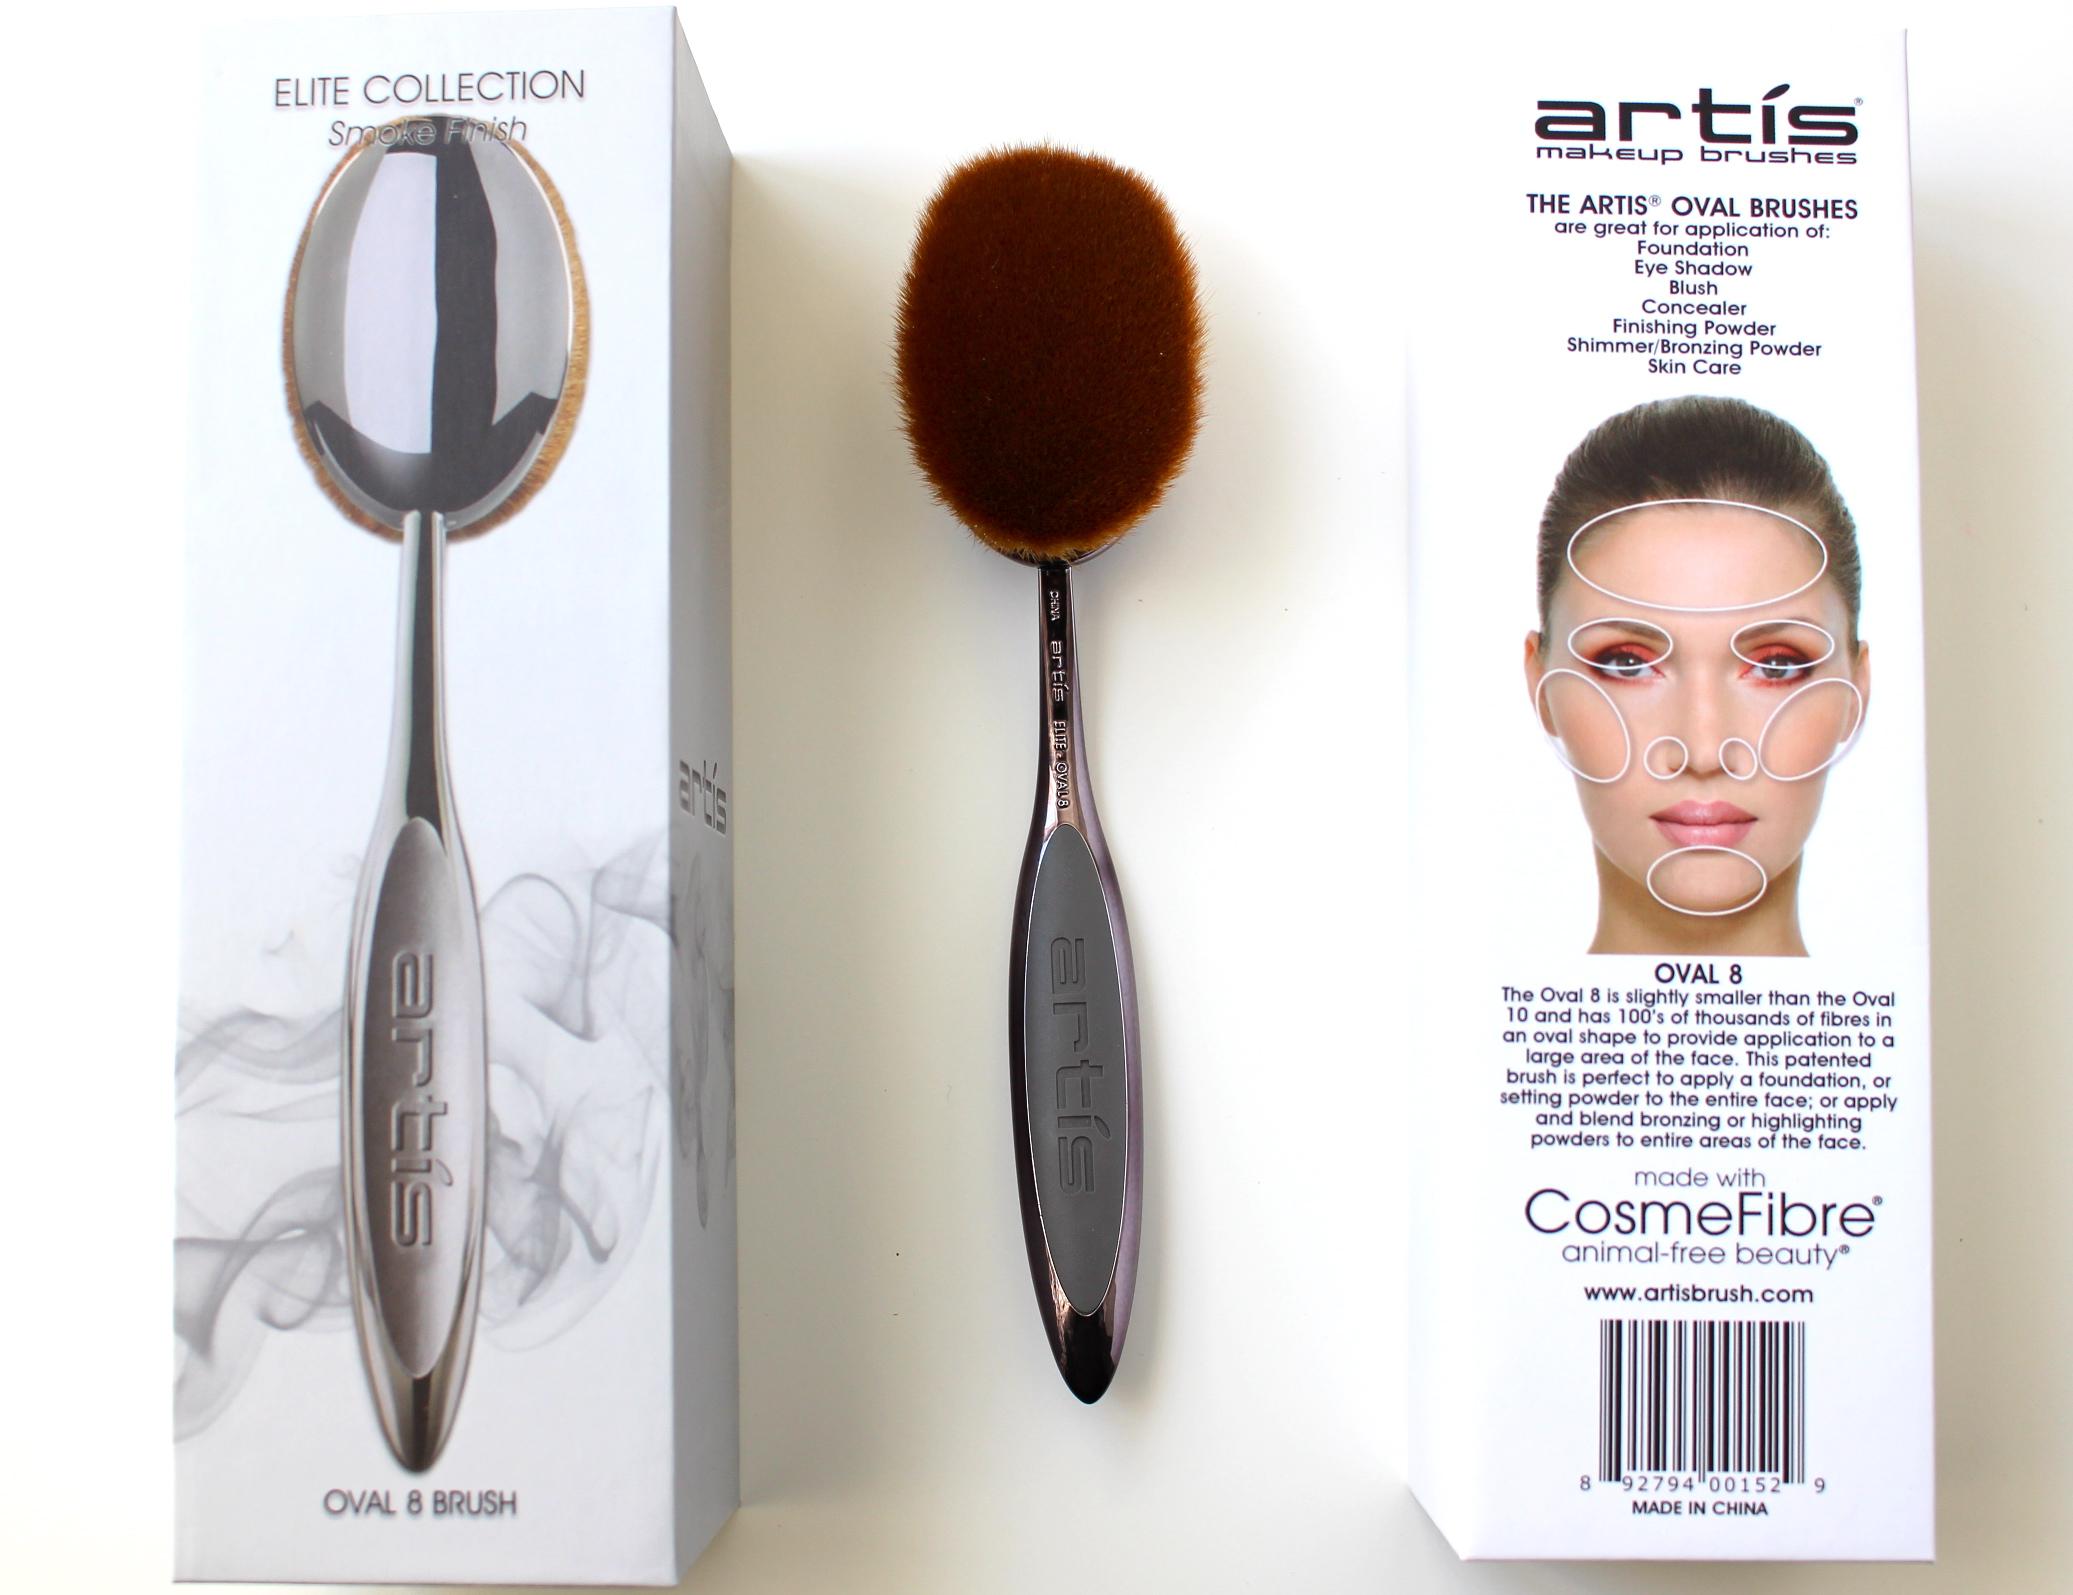 Artis Oval 8 Makeup Brush